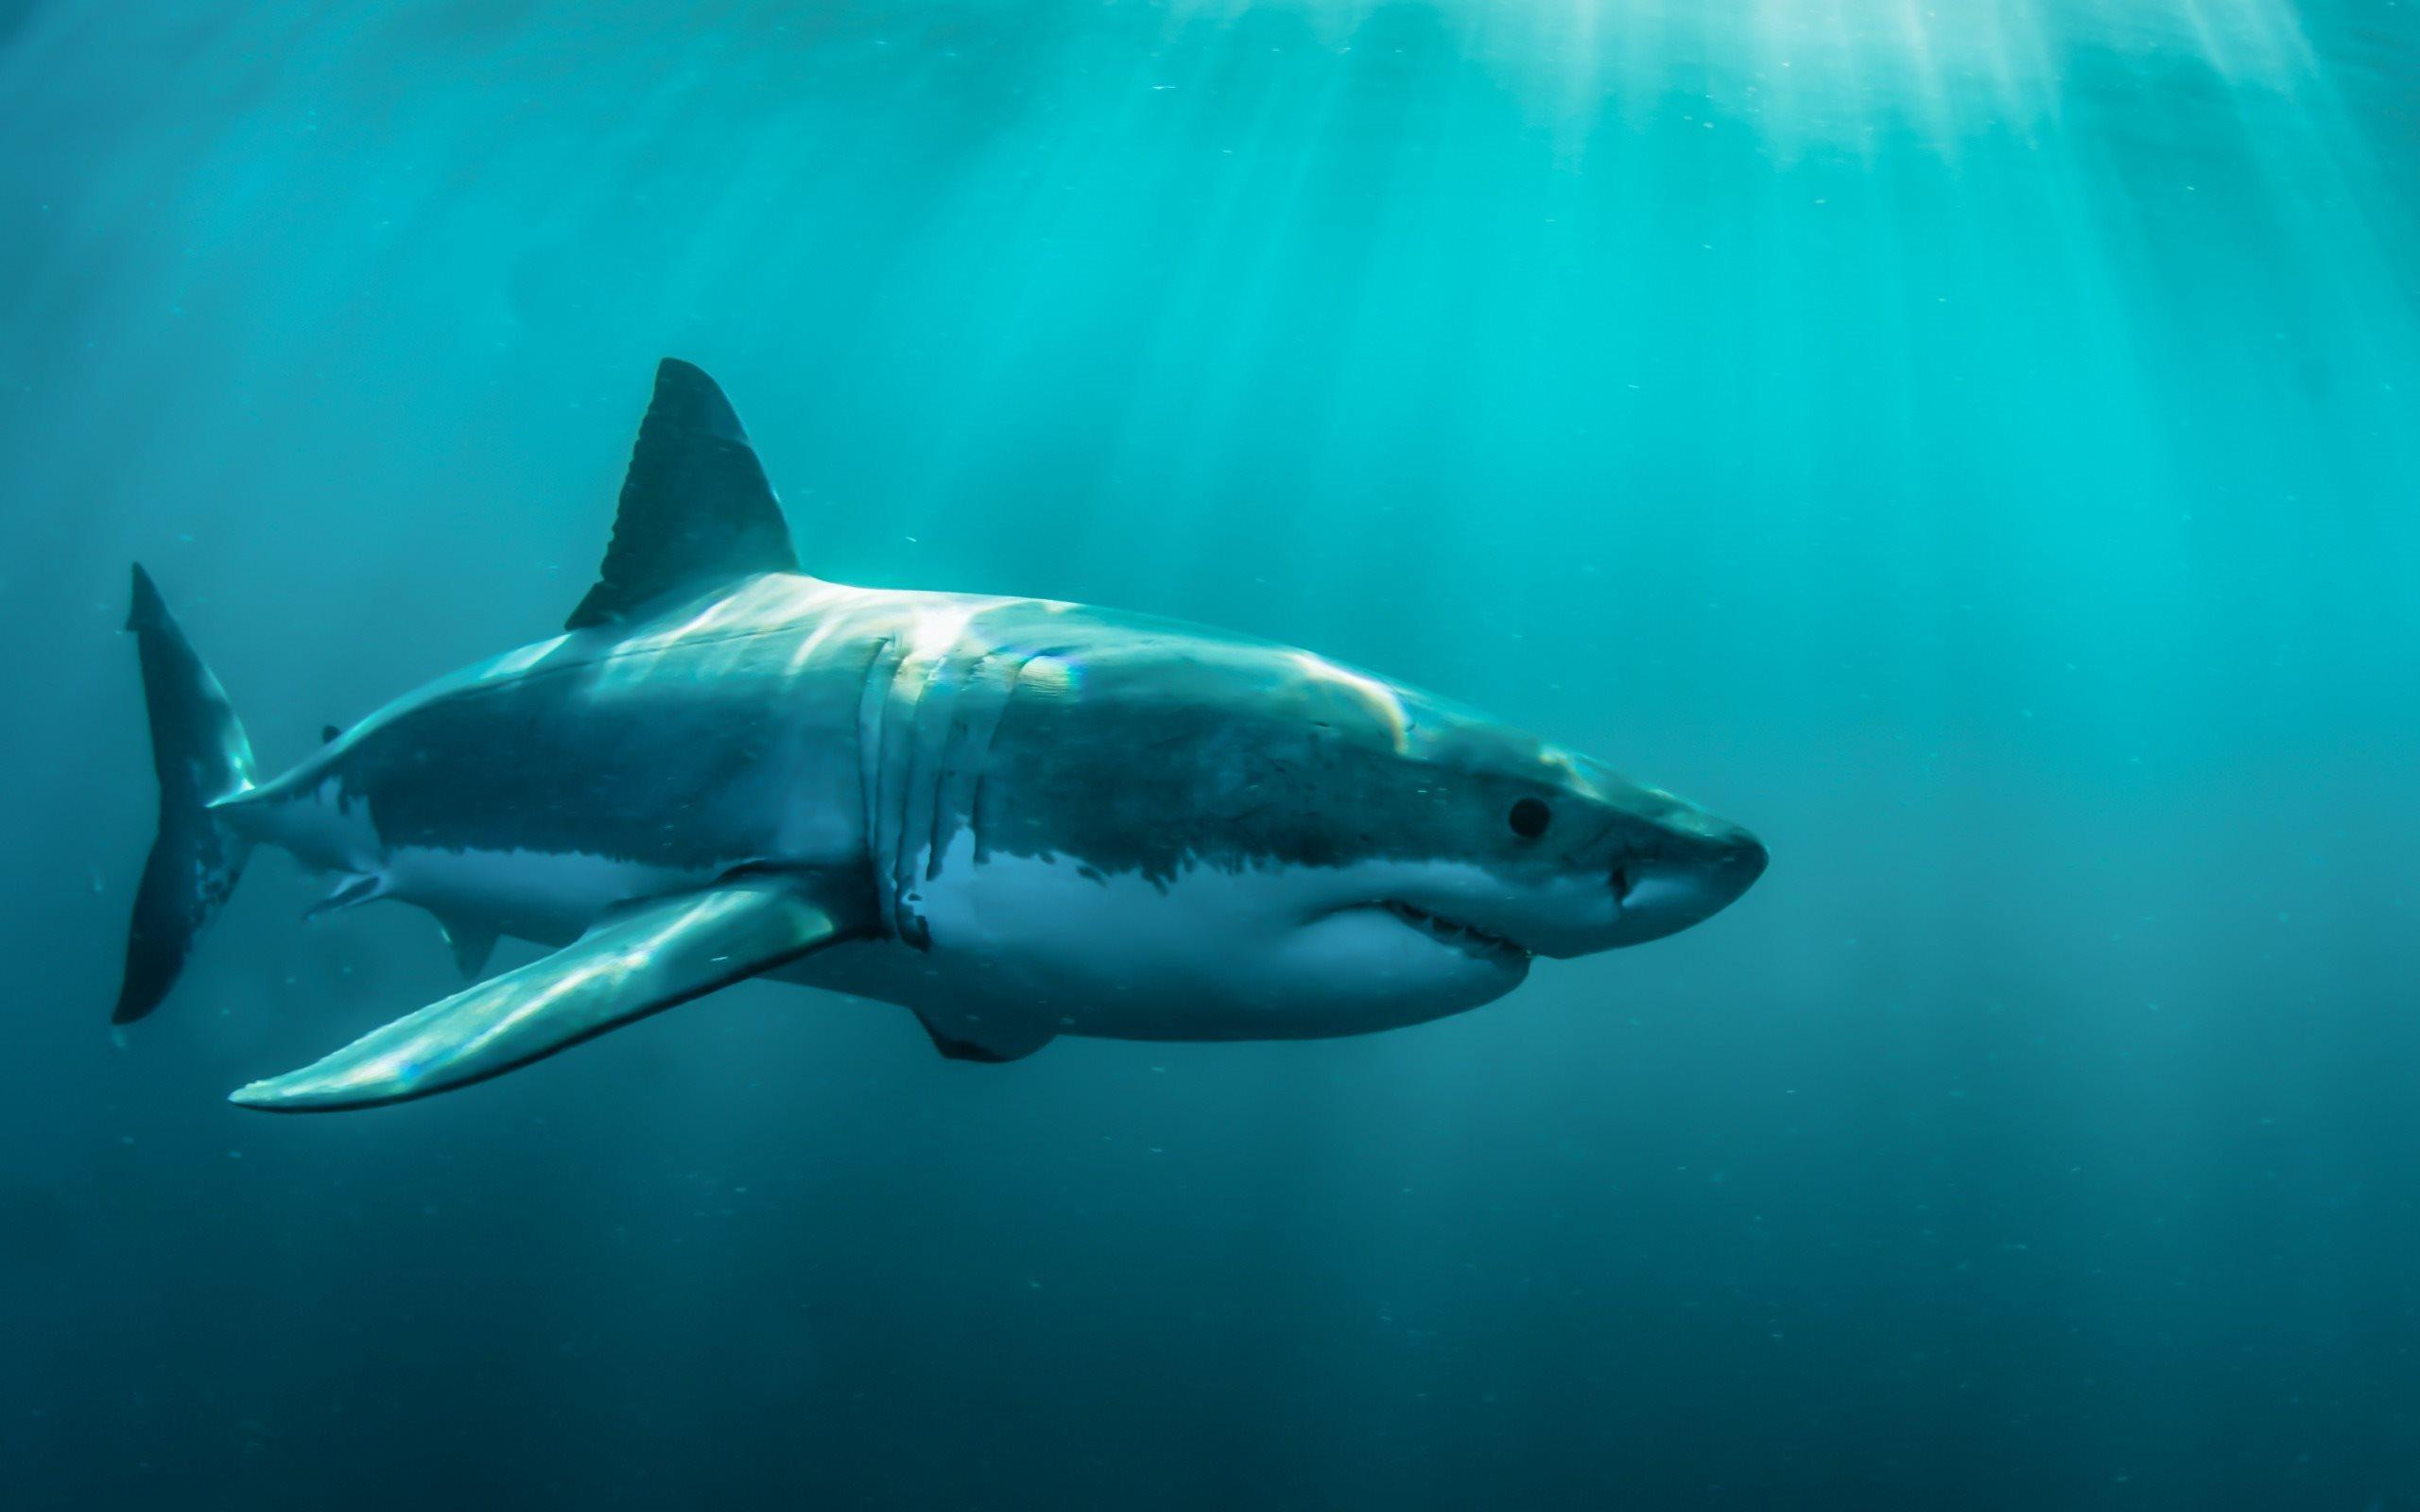 Télécharger Fonds D'écran Les Prédateurs, Les Requins, Le dedans Requin Souris